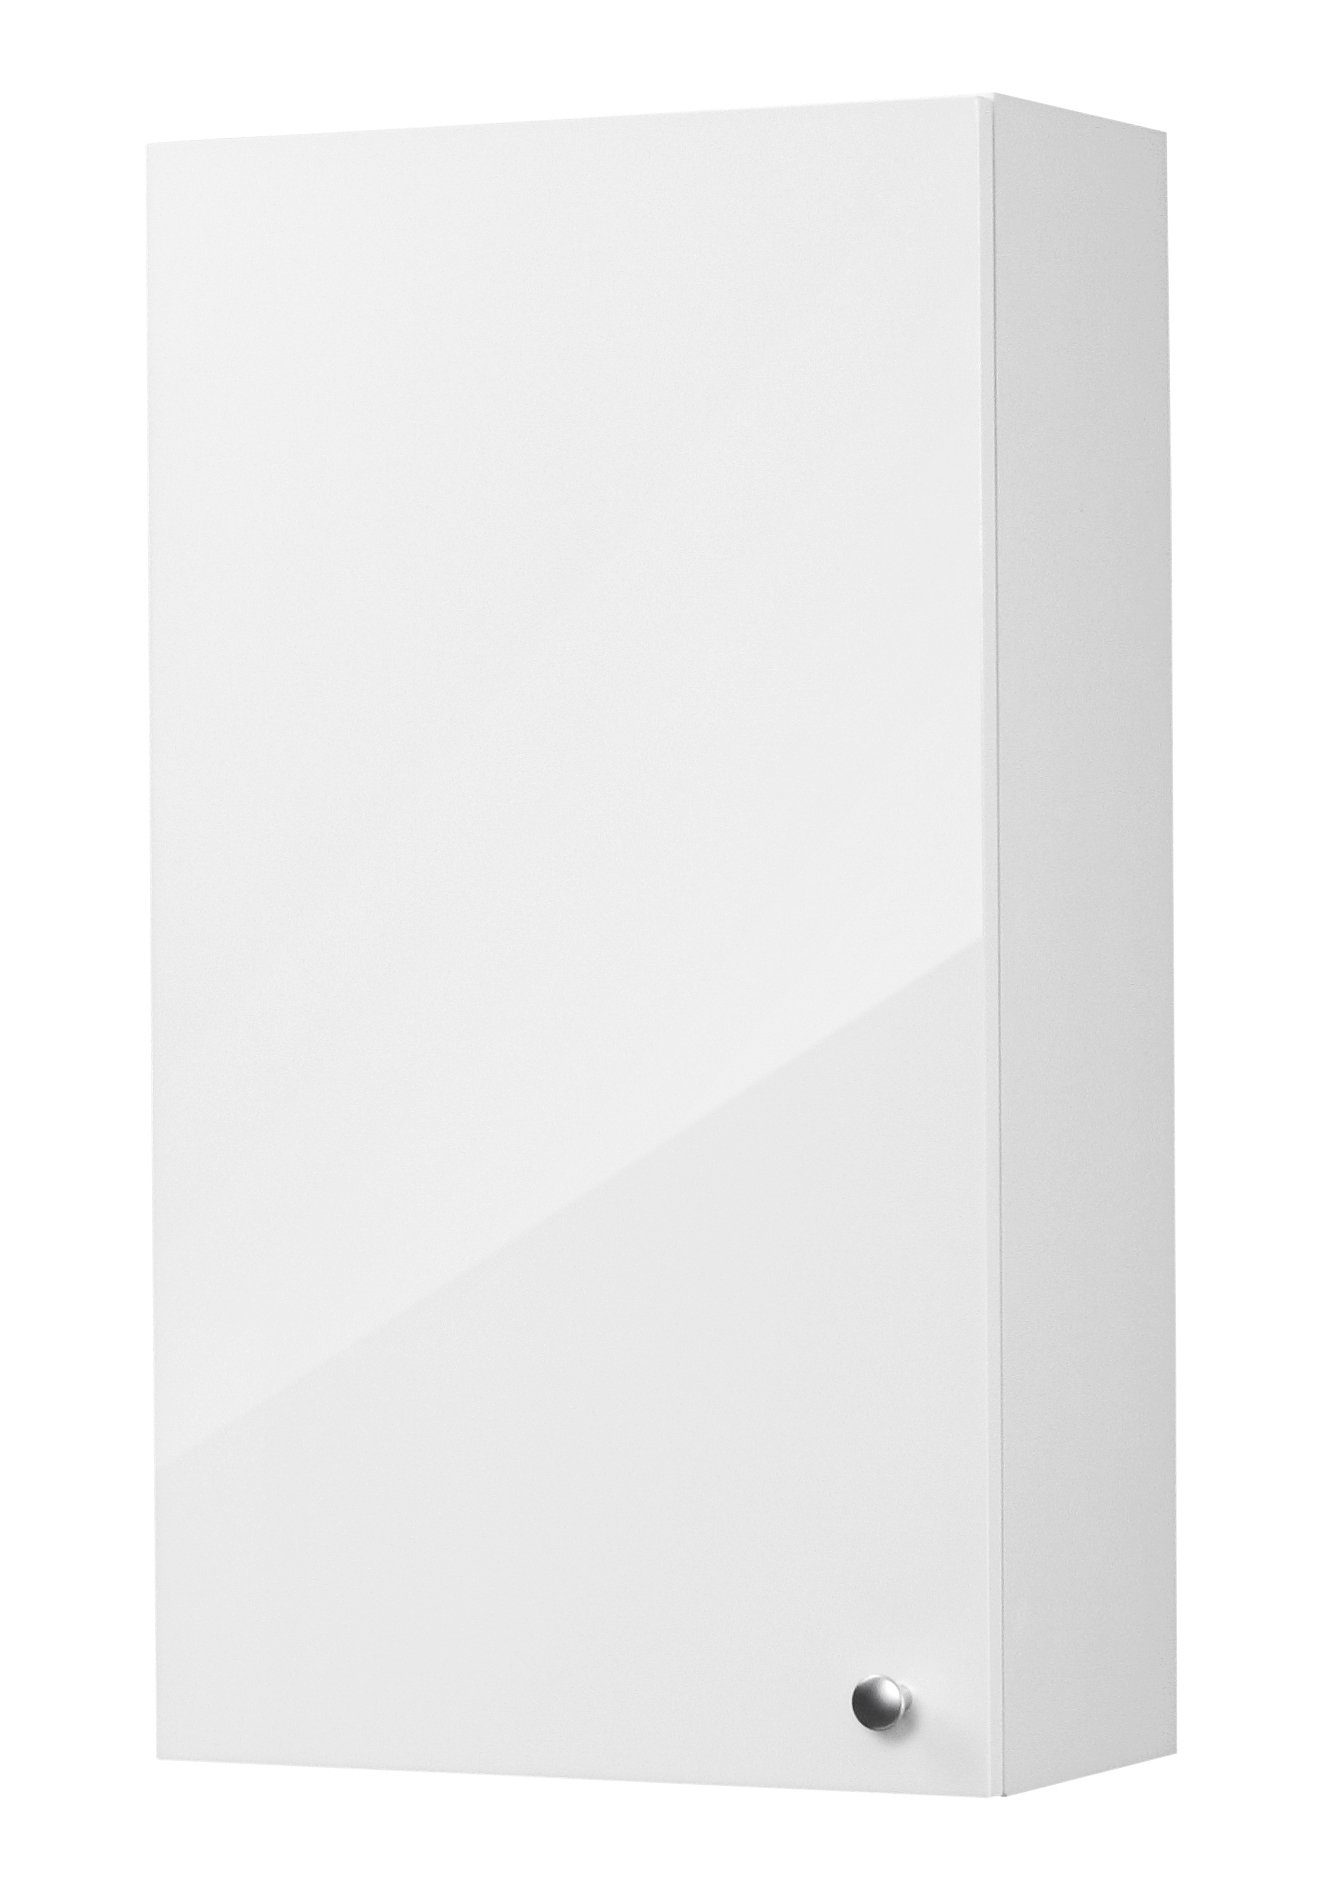 Hängeschrank »Maxi 2« 40 cm